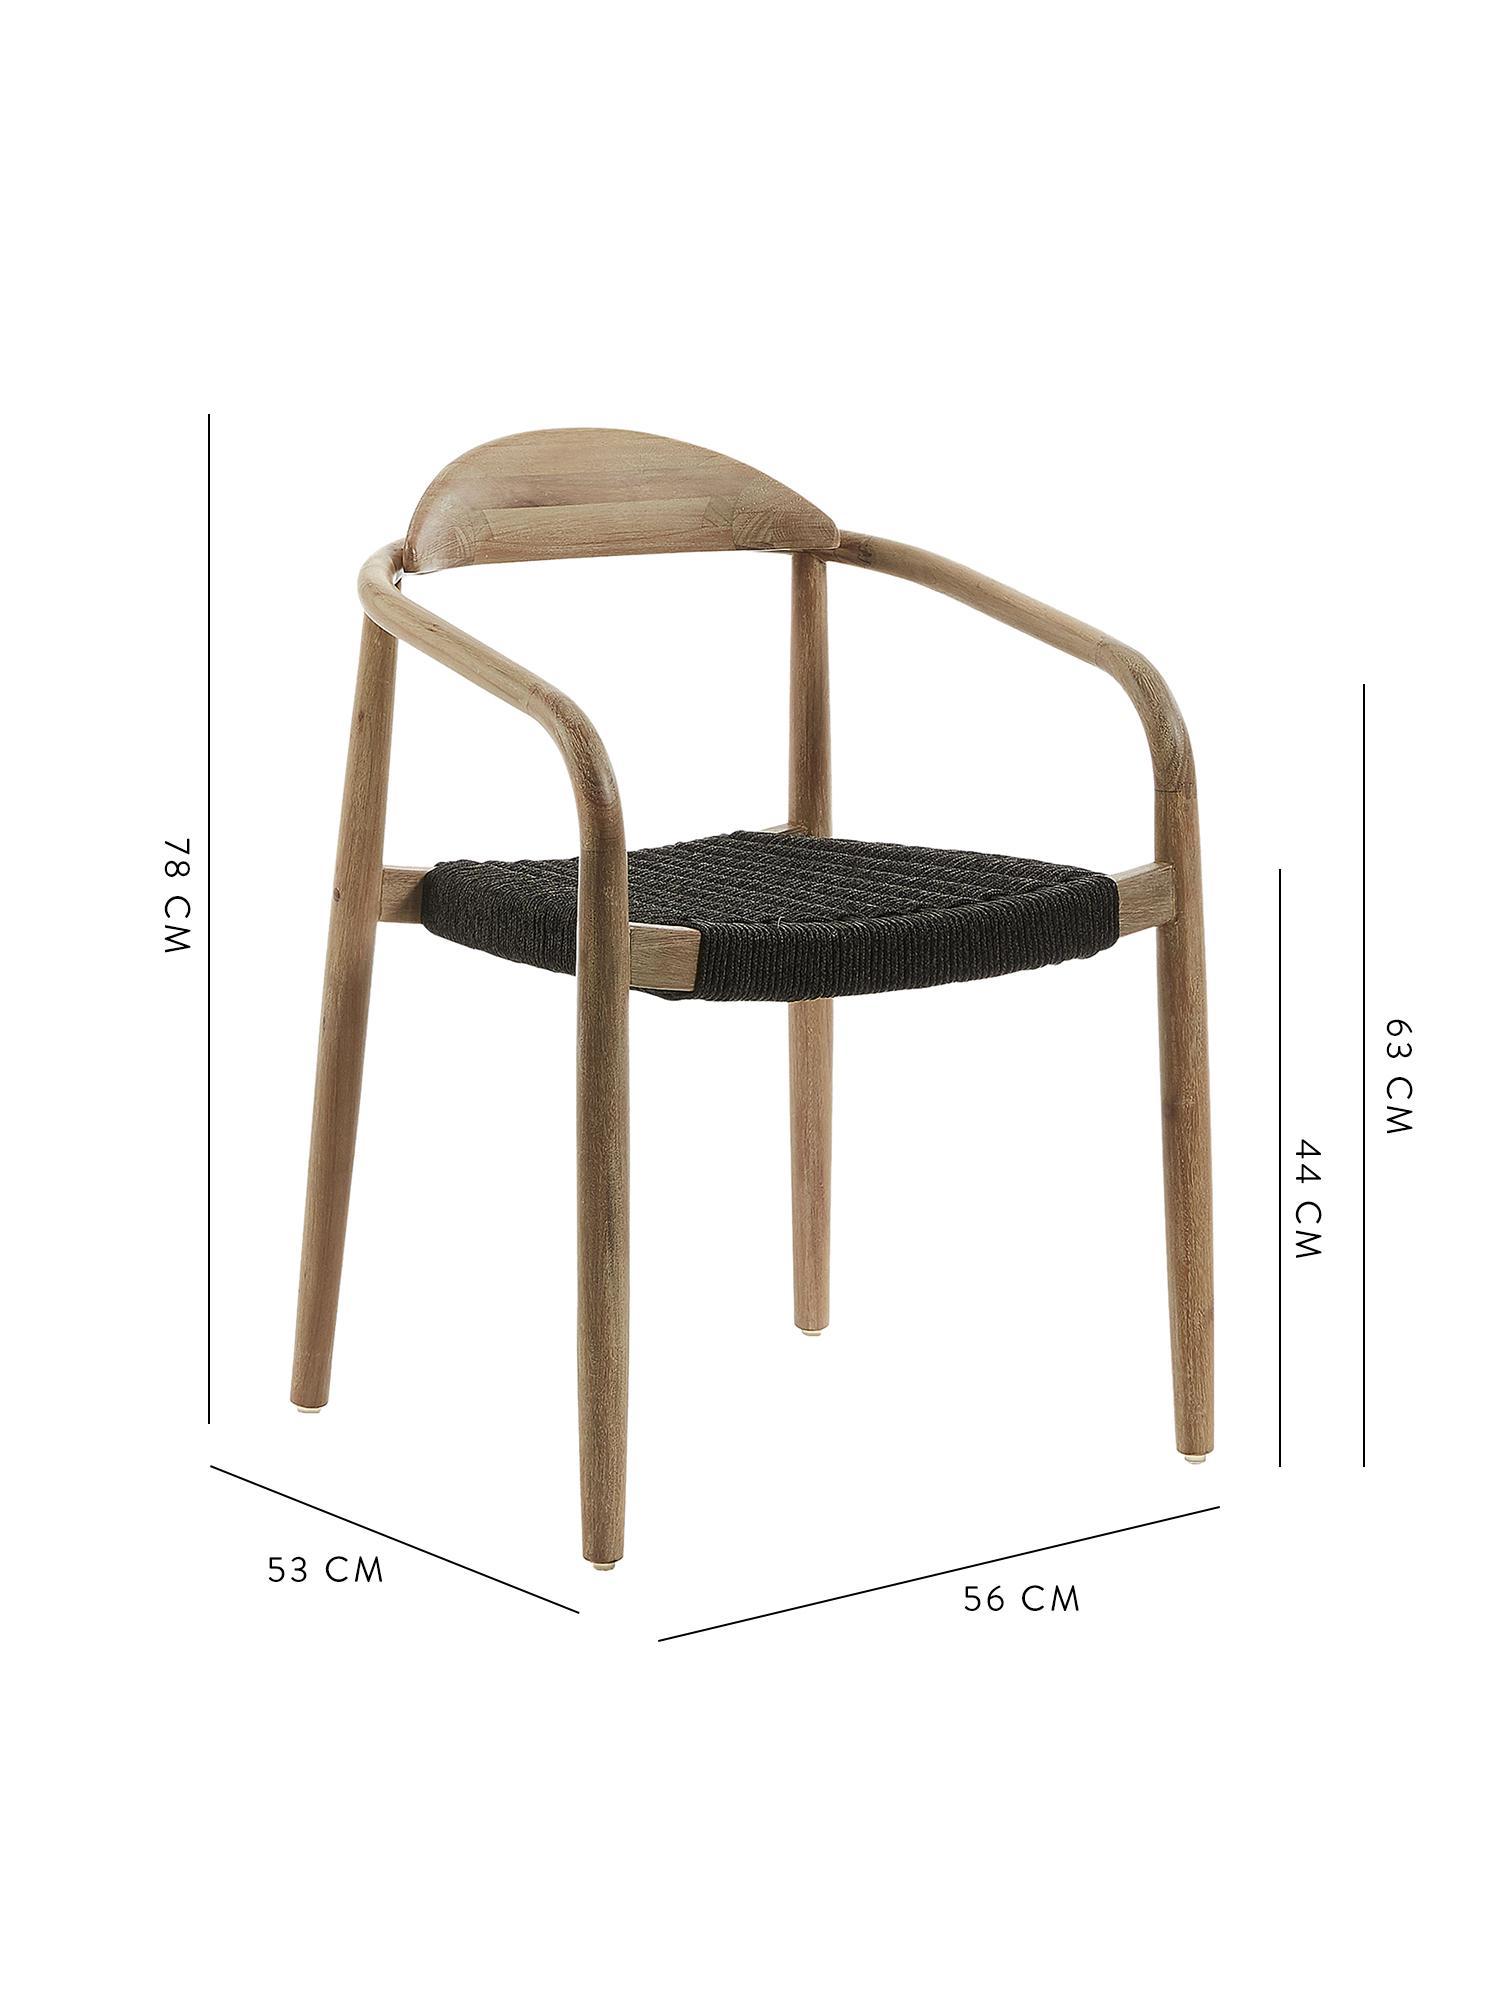 Sedia con braccioli in legno massiccio Nina, Struttura: legno di eucalipto massic, Seduta: poliestere, resistente ai, Marrone, grigio scuro, Larg. 56 x Prof. 53 cm